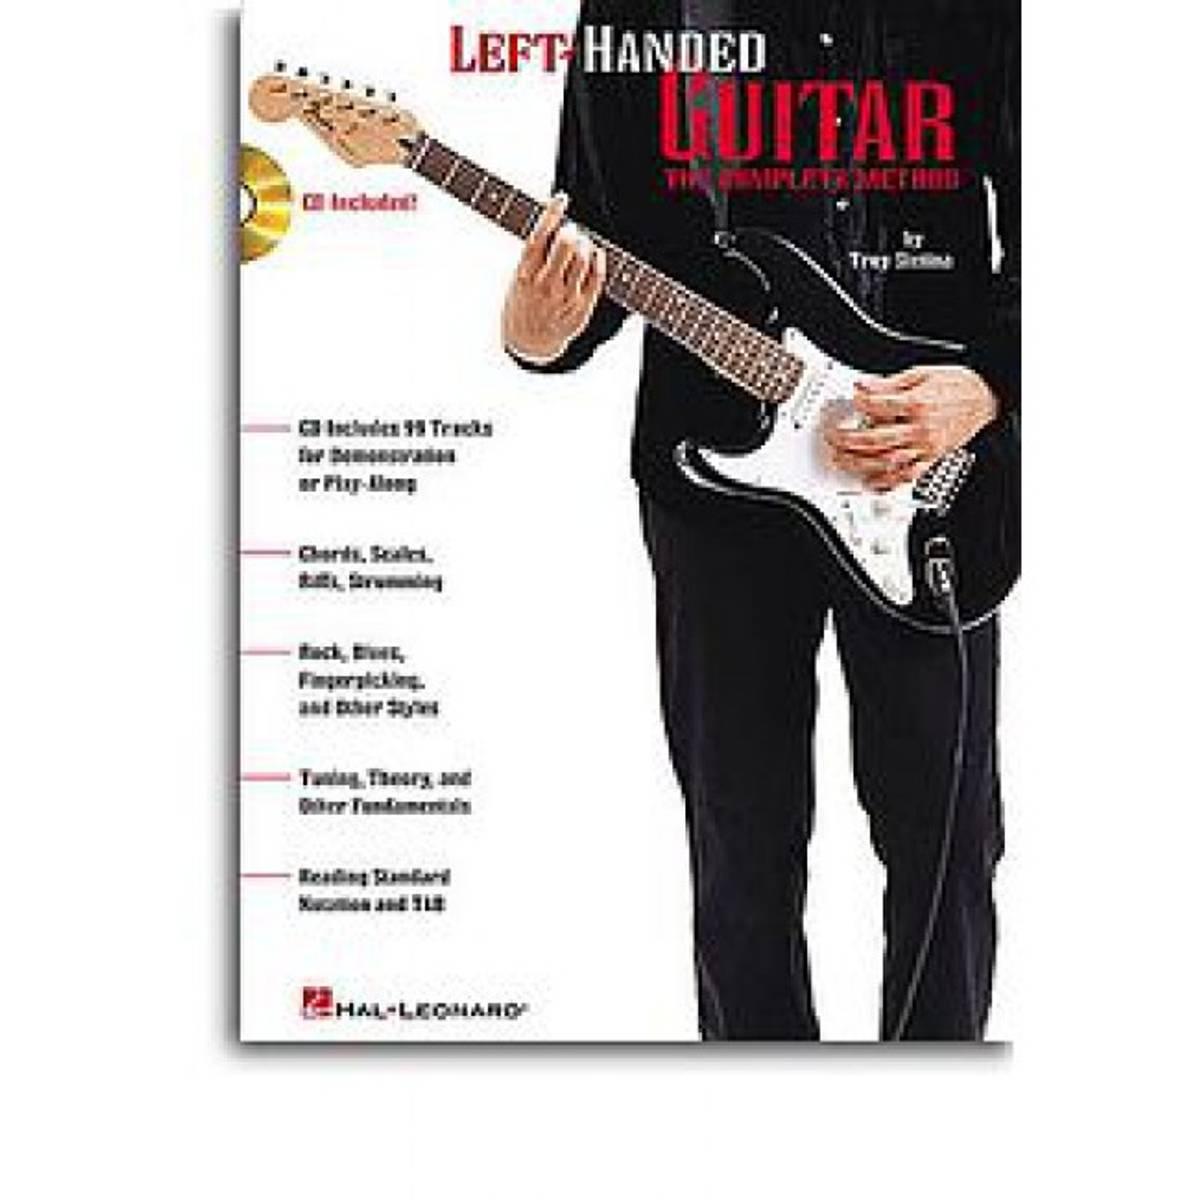 Leonard, Hal Left-Handed Guitar